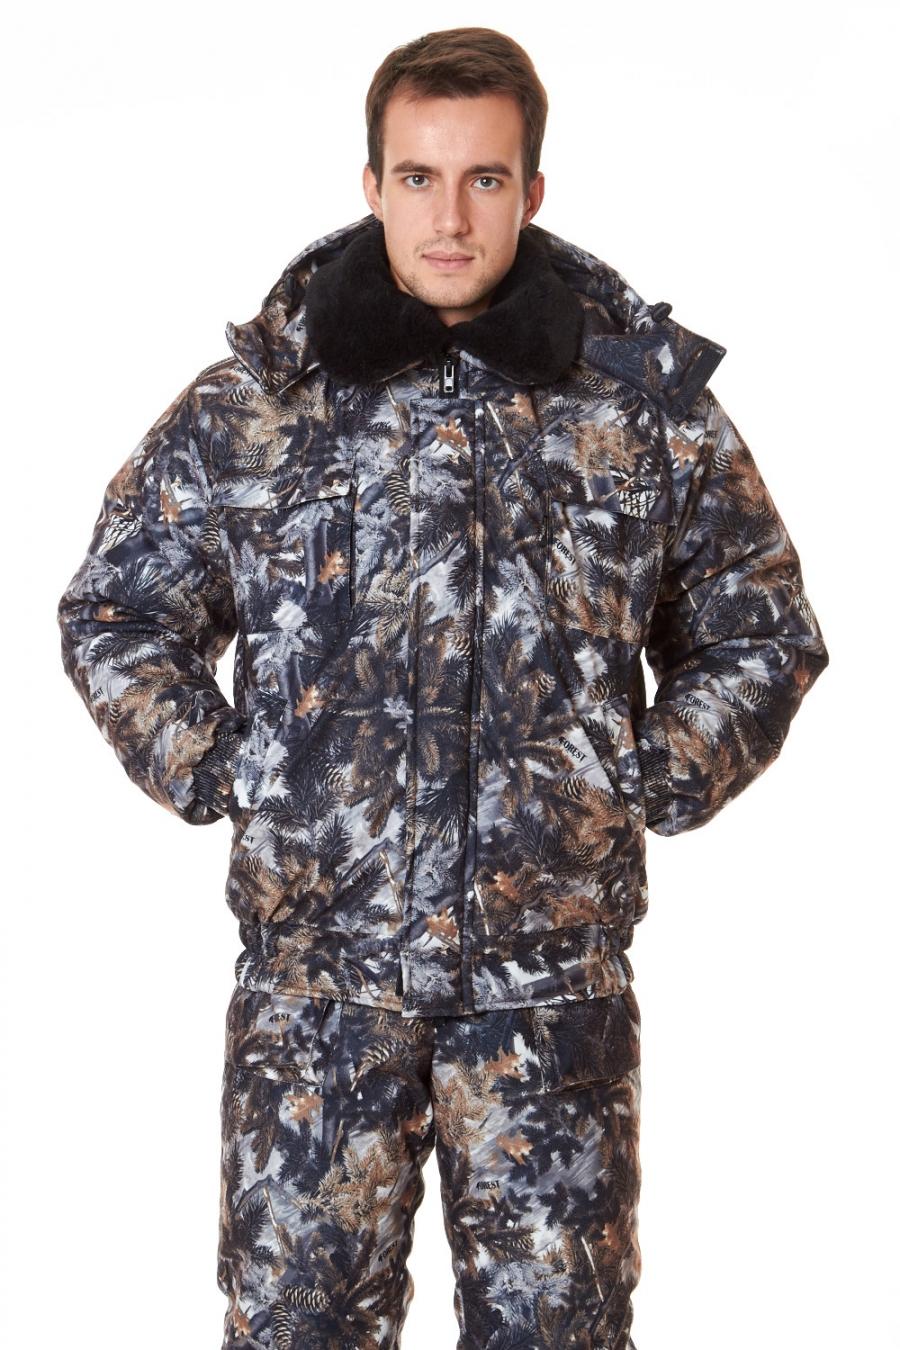 Сбор заказов.Распродажа!Очень низкие цены!Без рядов!Одежда для охоты,рыбалки,туризма - от Стайер-Текс.Выкуп-13.